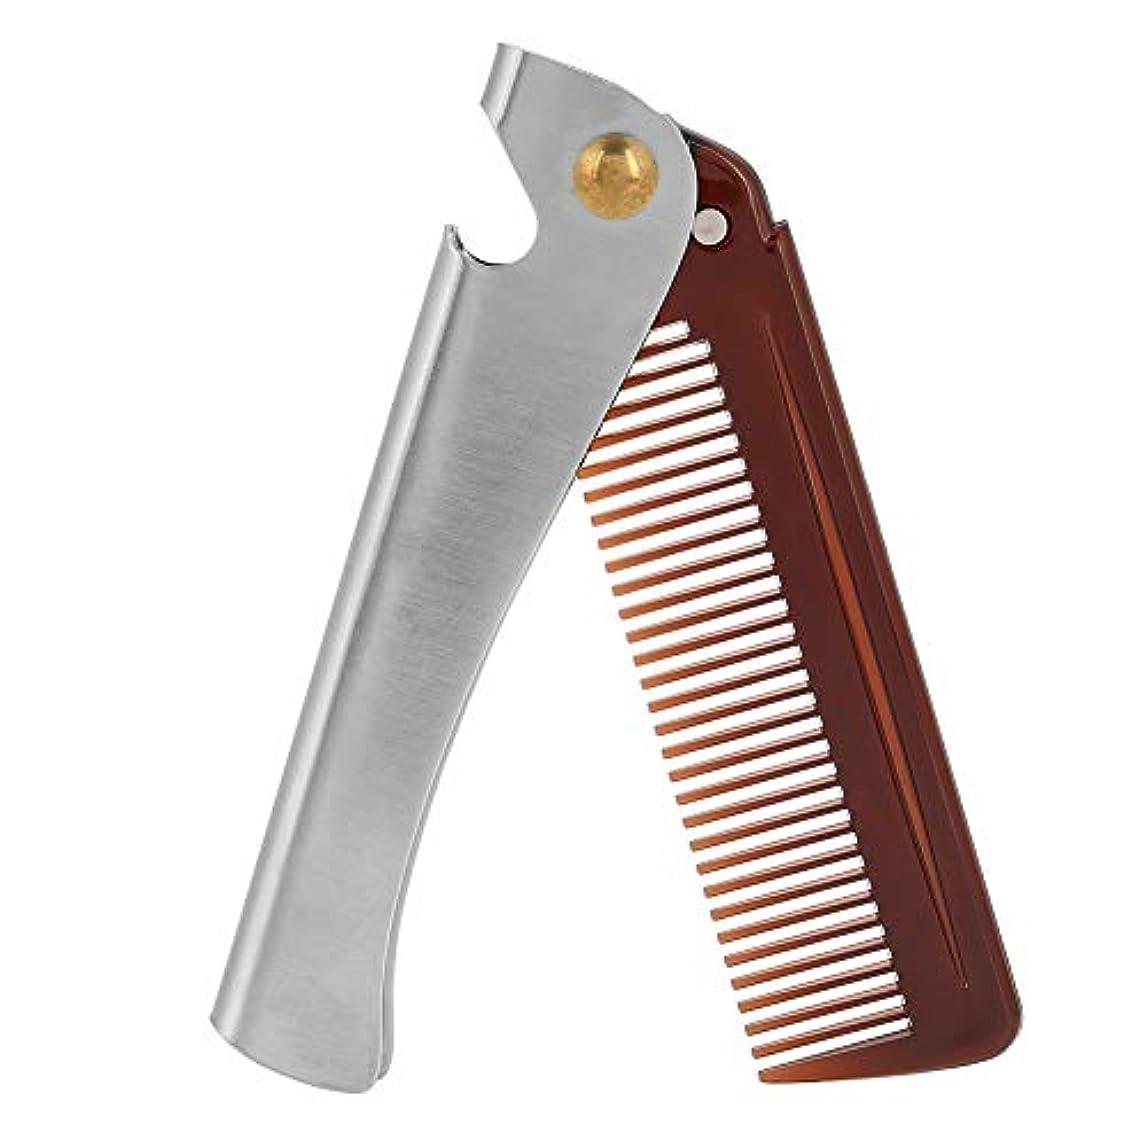 複合司書マーキーひげの櫛 Dewin 髭櫛 口ひげツール 折りたたみ式櫛